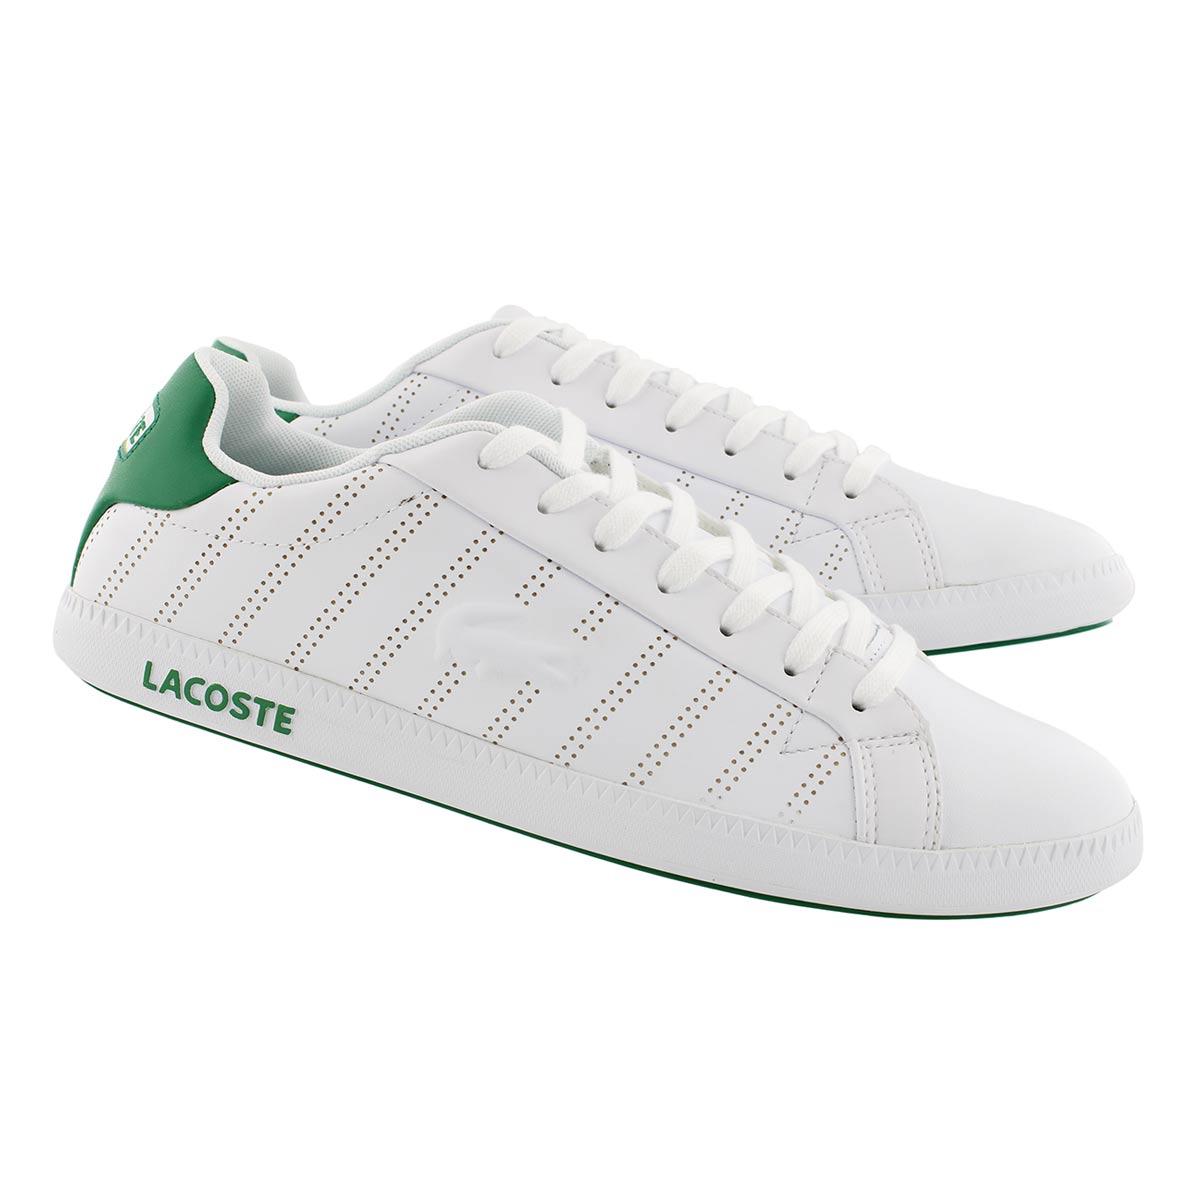 Mns Graduate 318 1 wht/grn sneaker